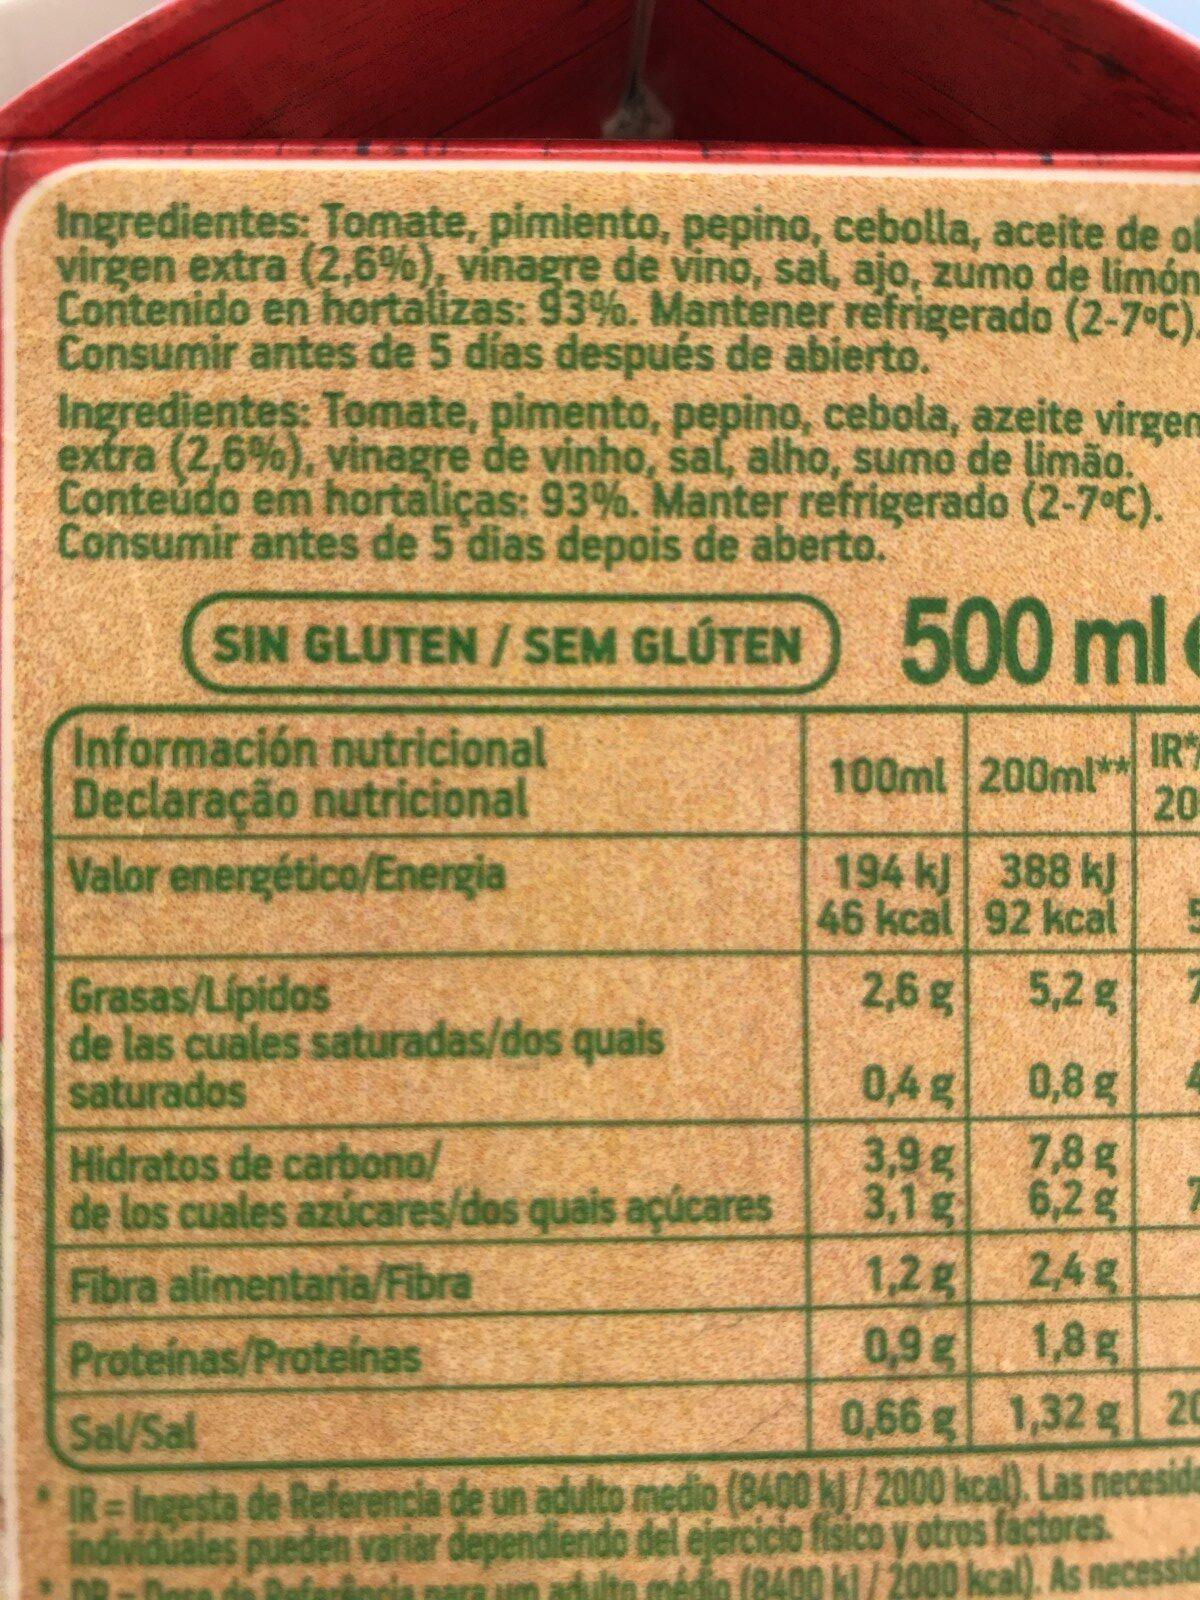 Gazpacho original sin gluten envase 500 ml - Ingredientes - fr